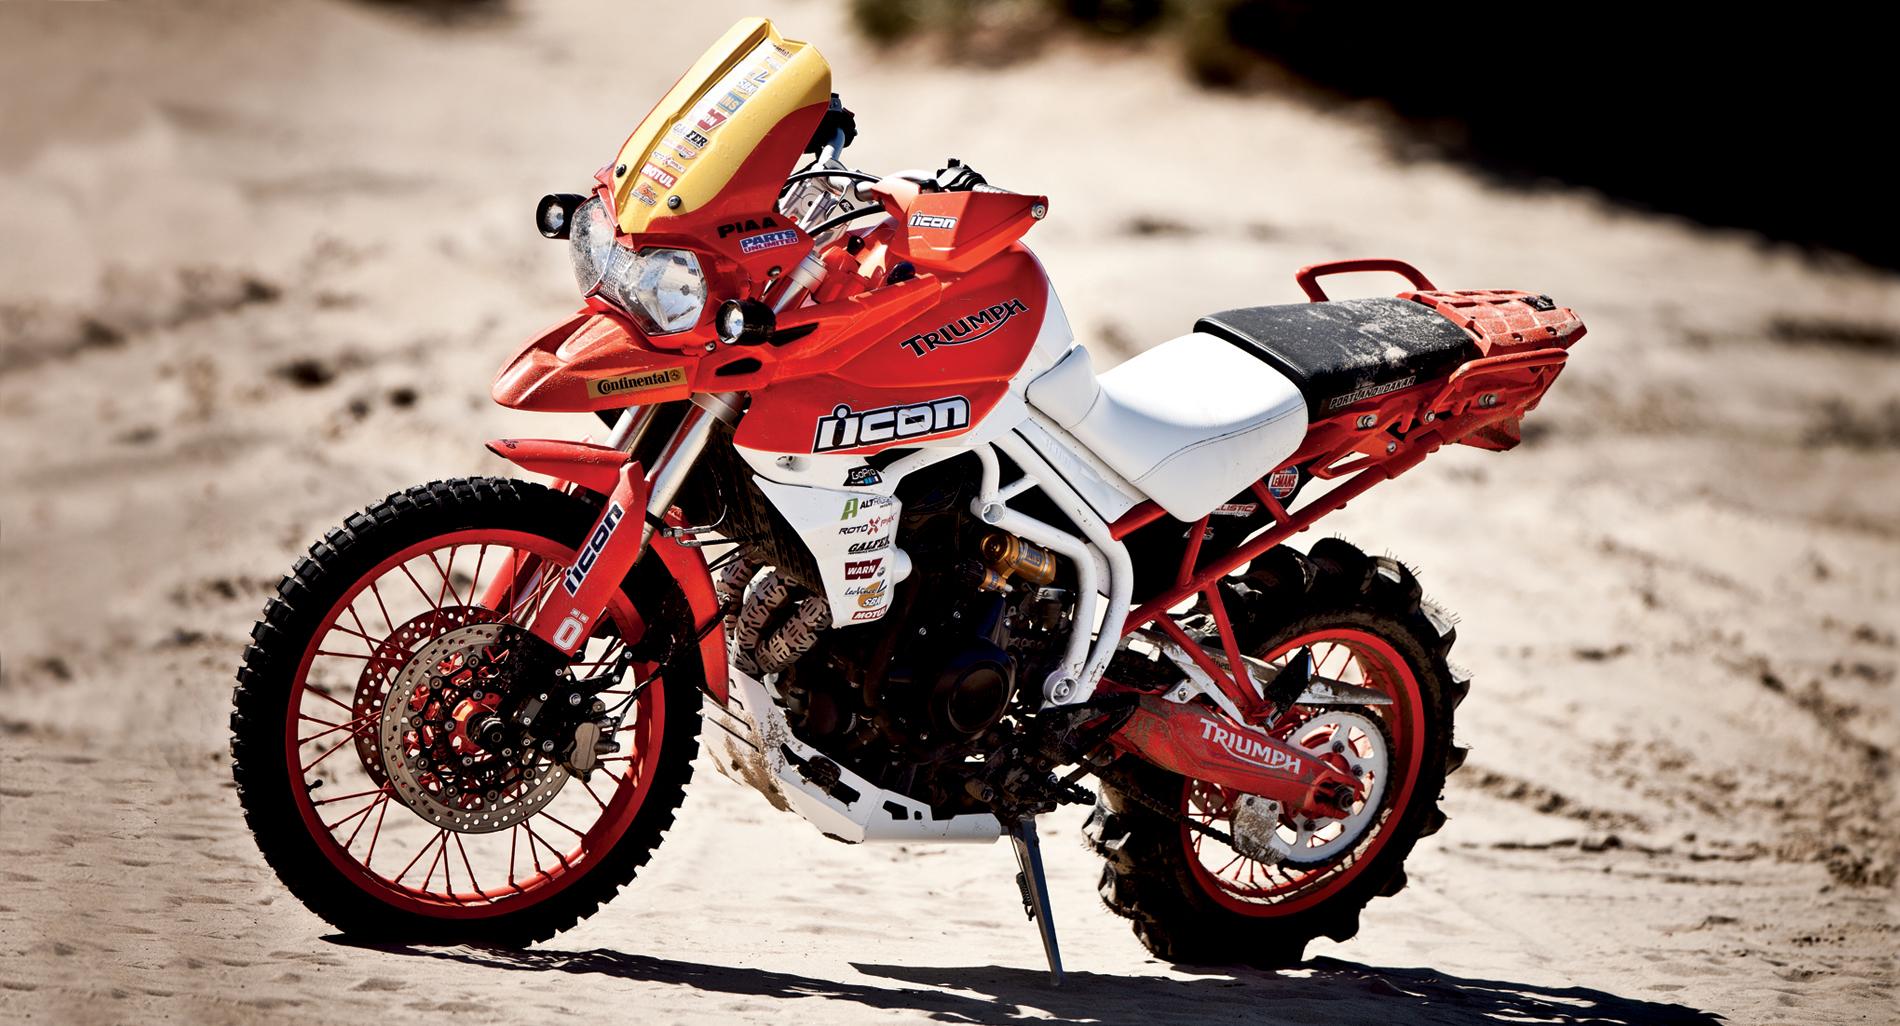 triumph-tiger-800xc-portland-dakar-icon